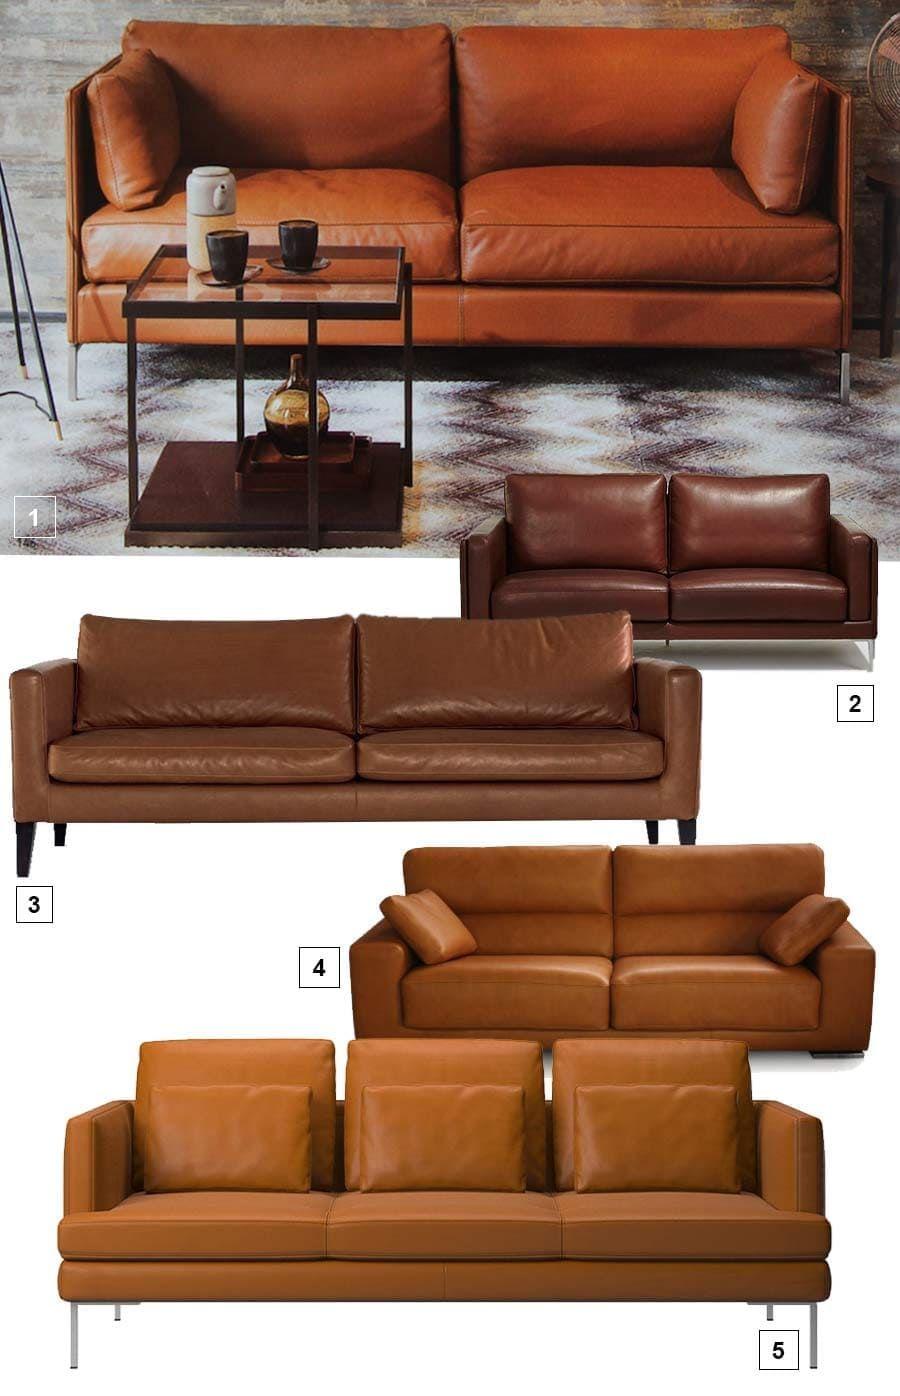 22 Canapes Classiques Aux Lignes Epurees Pour Conjuguer Elegance Et Confort Canape En Cuir Moderne Canape Classique Canape En Cuir